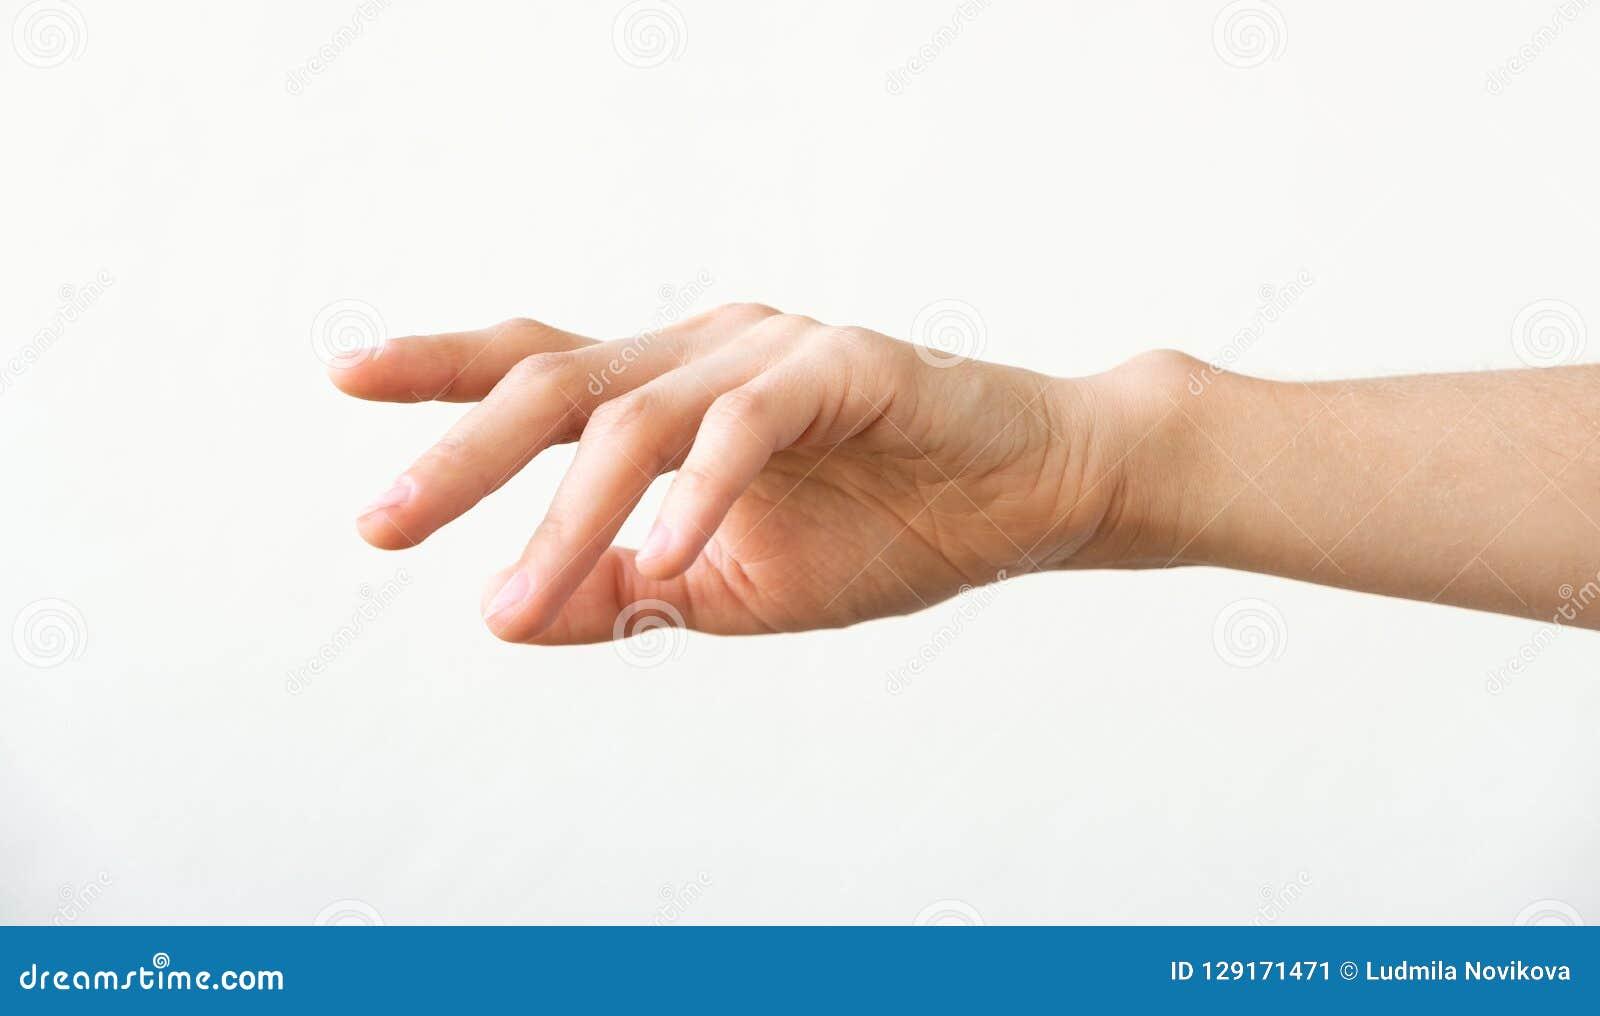 Χειρονομία της προσφοράς ή του αιτήματος